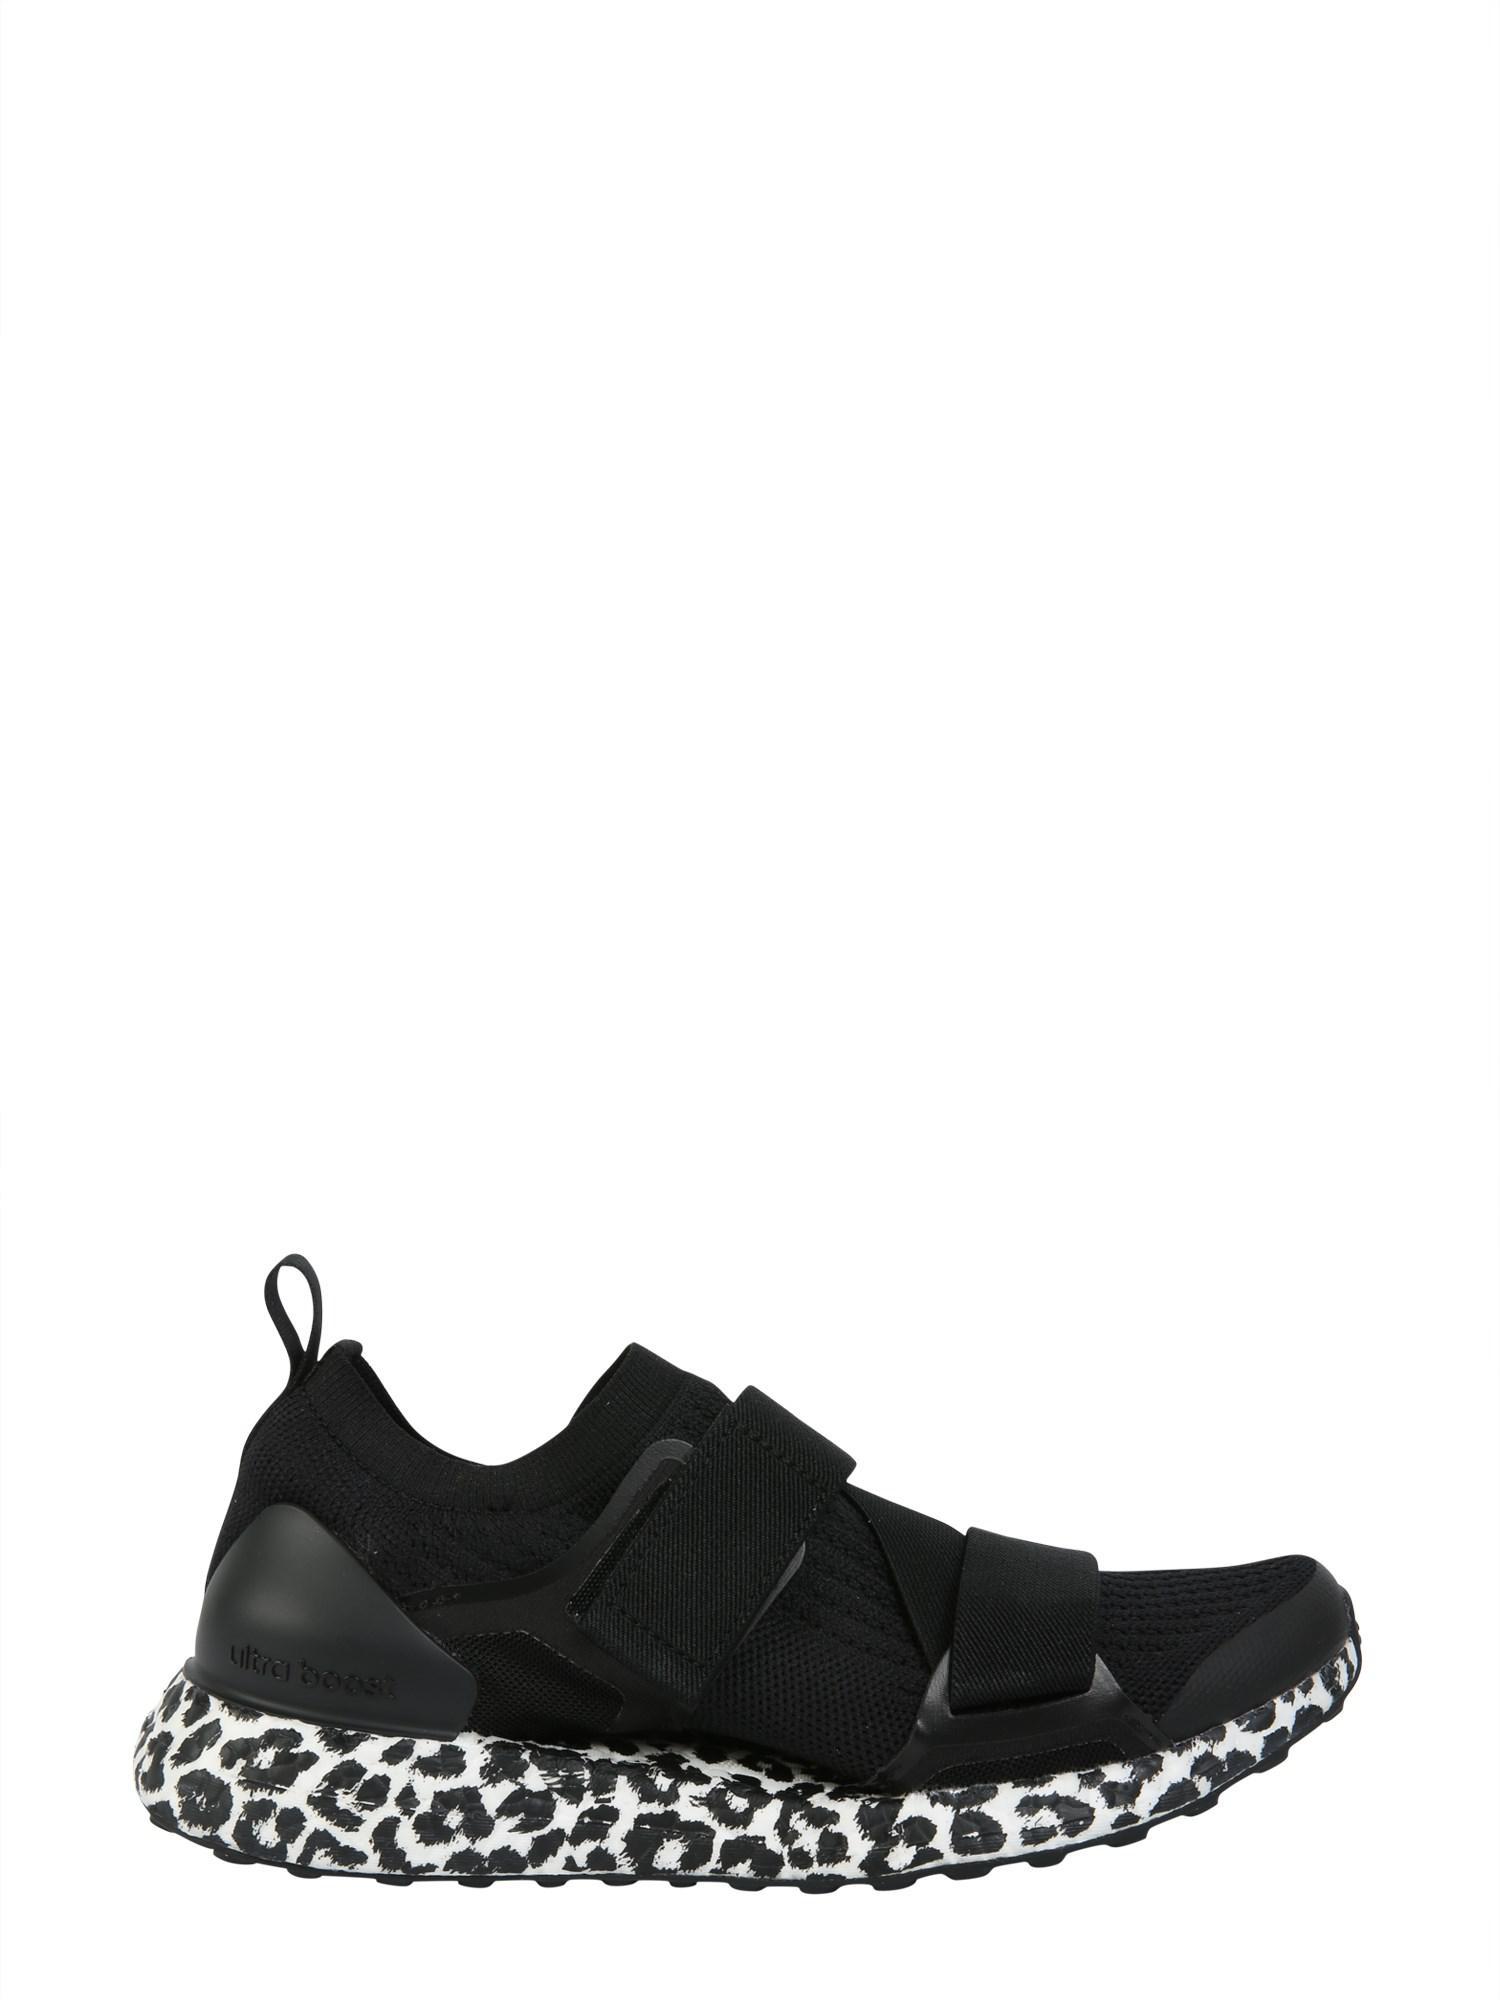 Lyst Adidas By Stella Mccartney Ultraboost X Running